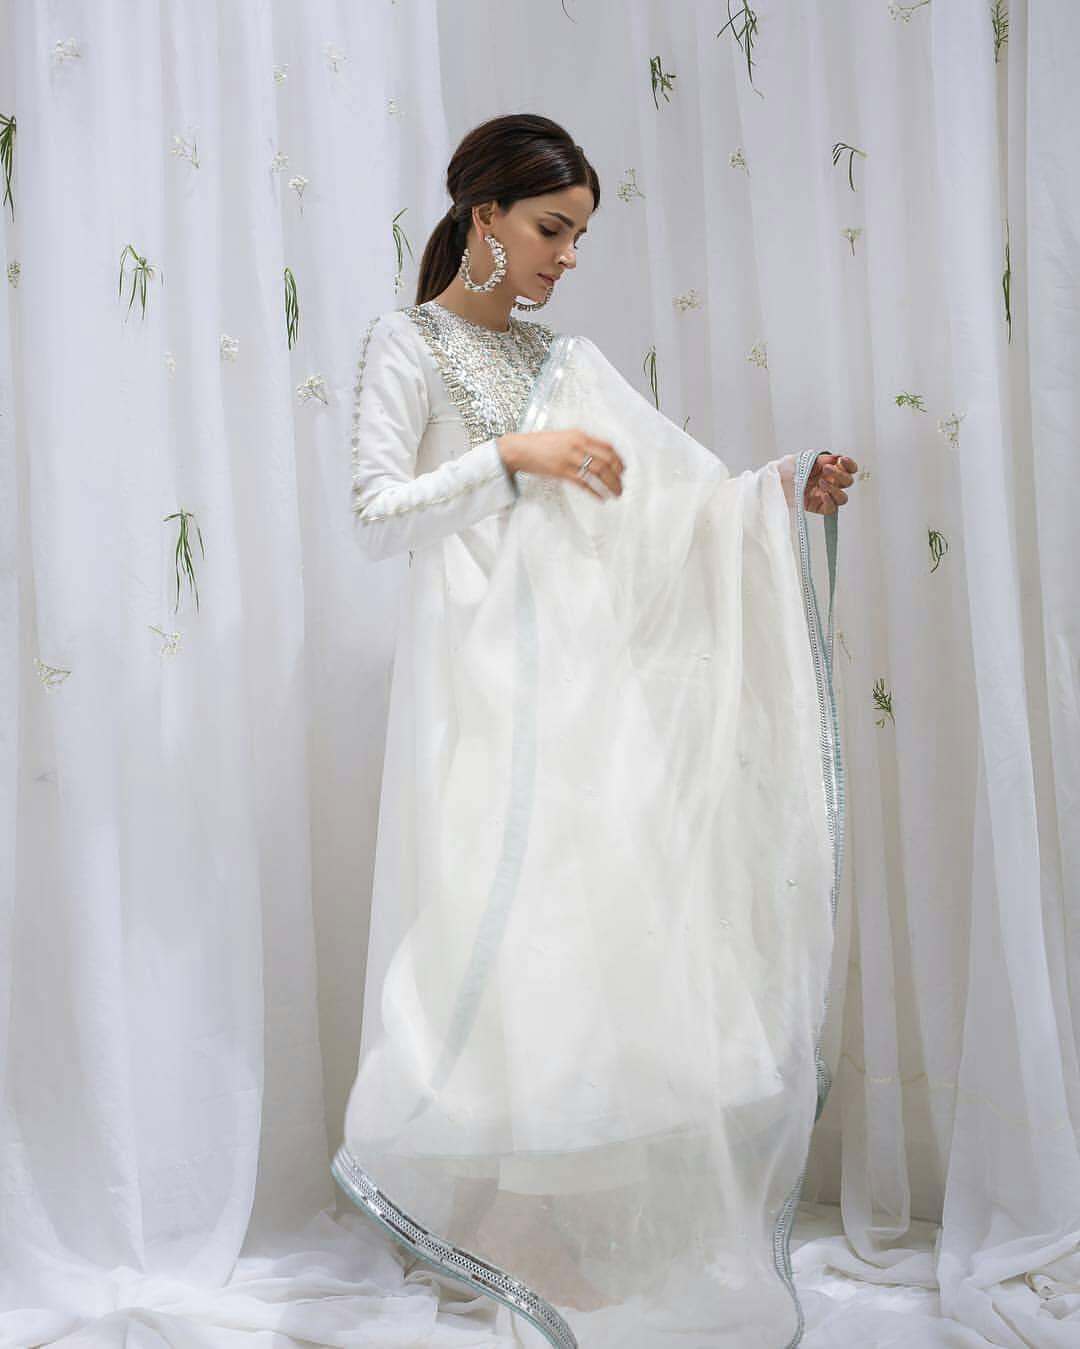 Gorgeous Saba Qamar Looking Stunning in White